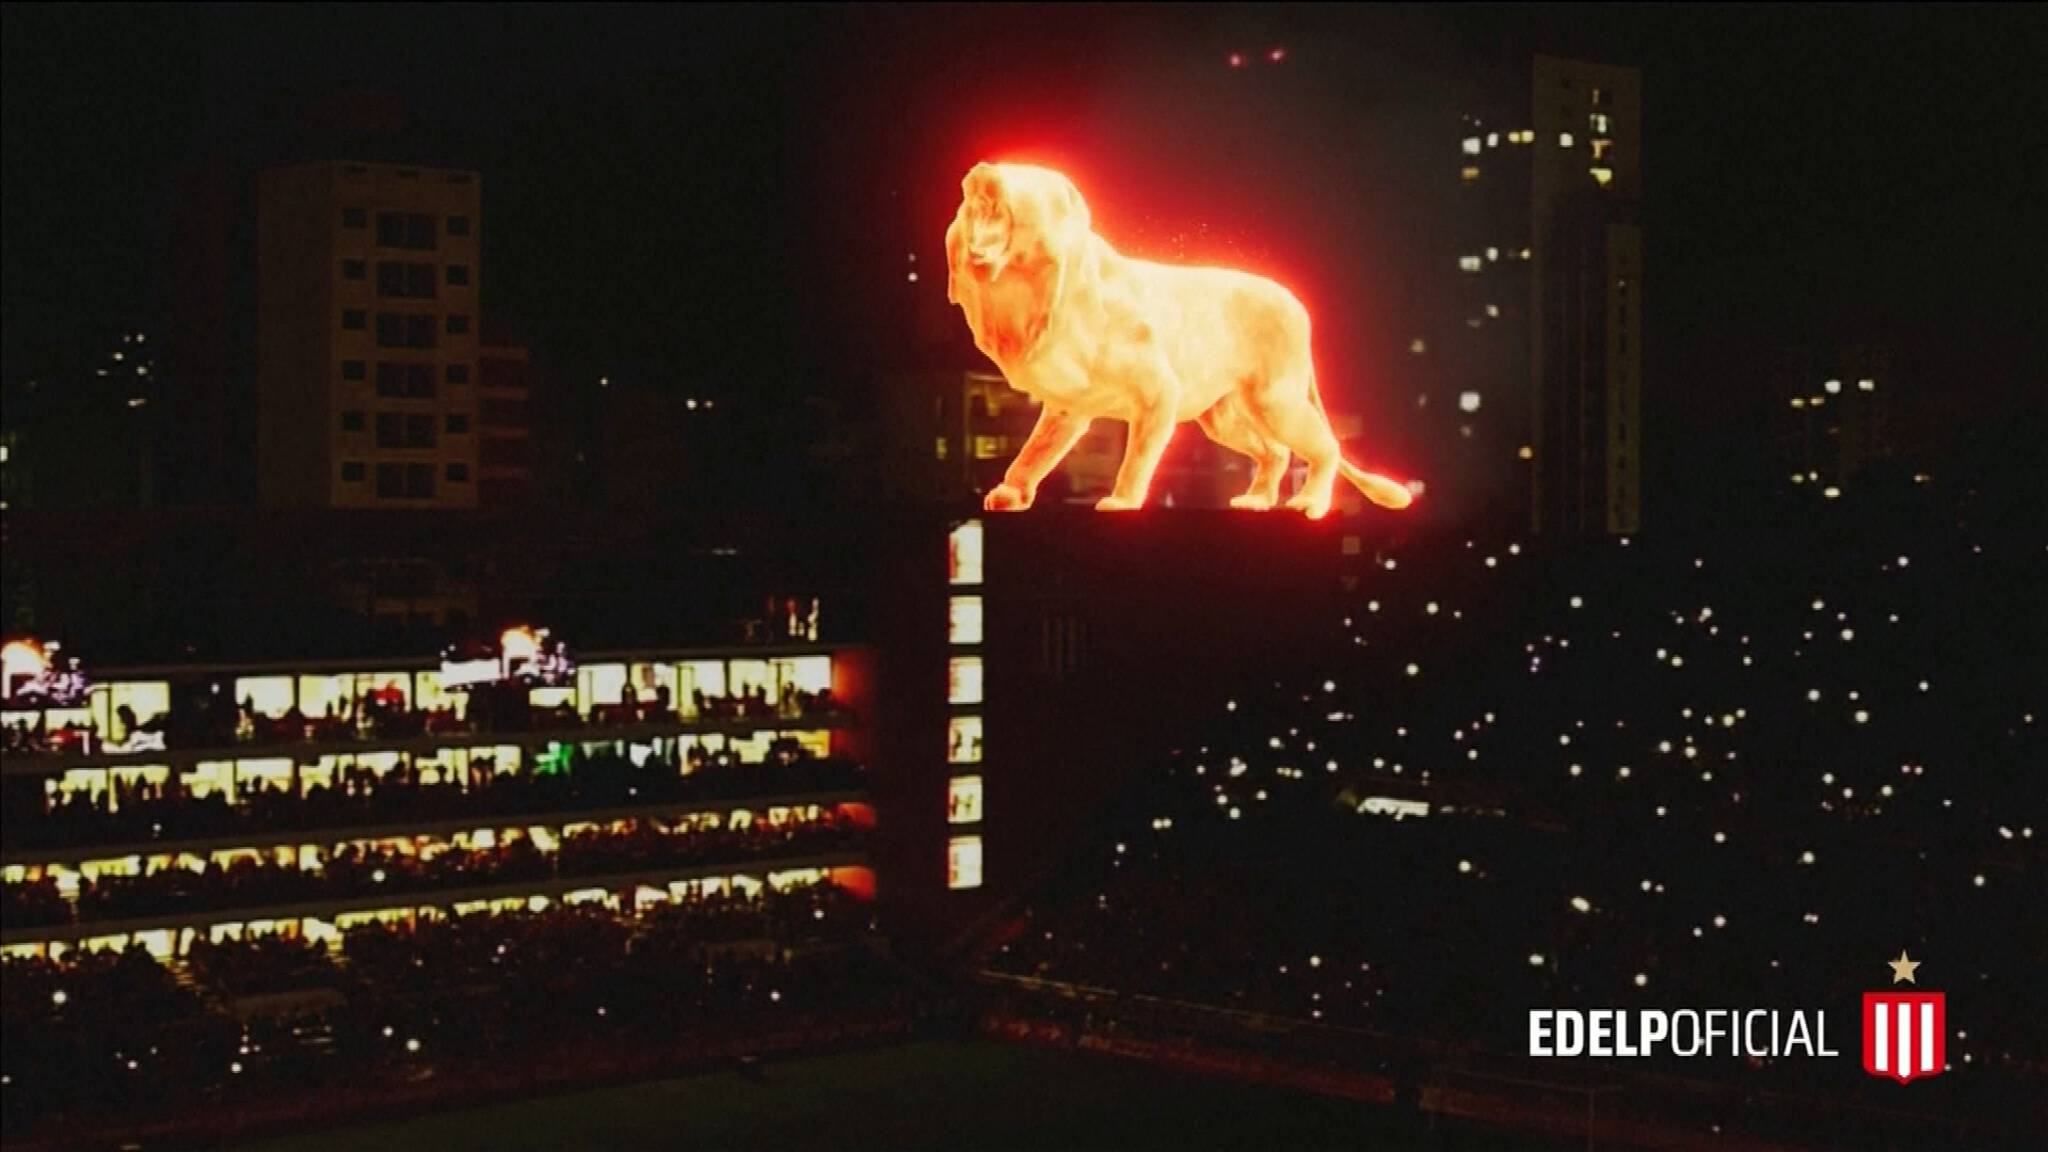 Leeuw zorgt voor fraai schouwspel bij heropening stadion Estudiantes - NOS